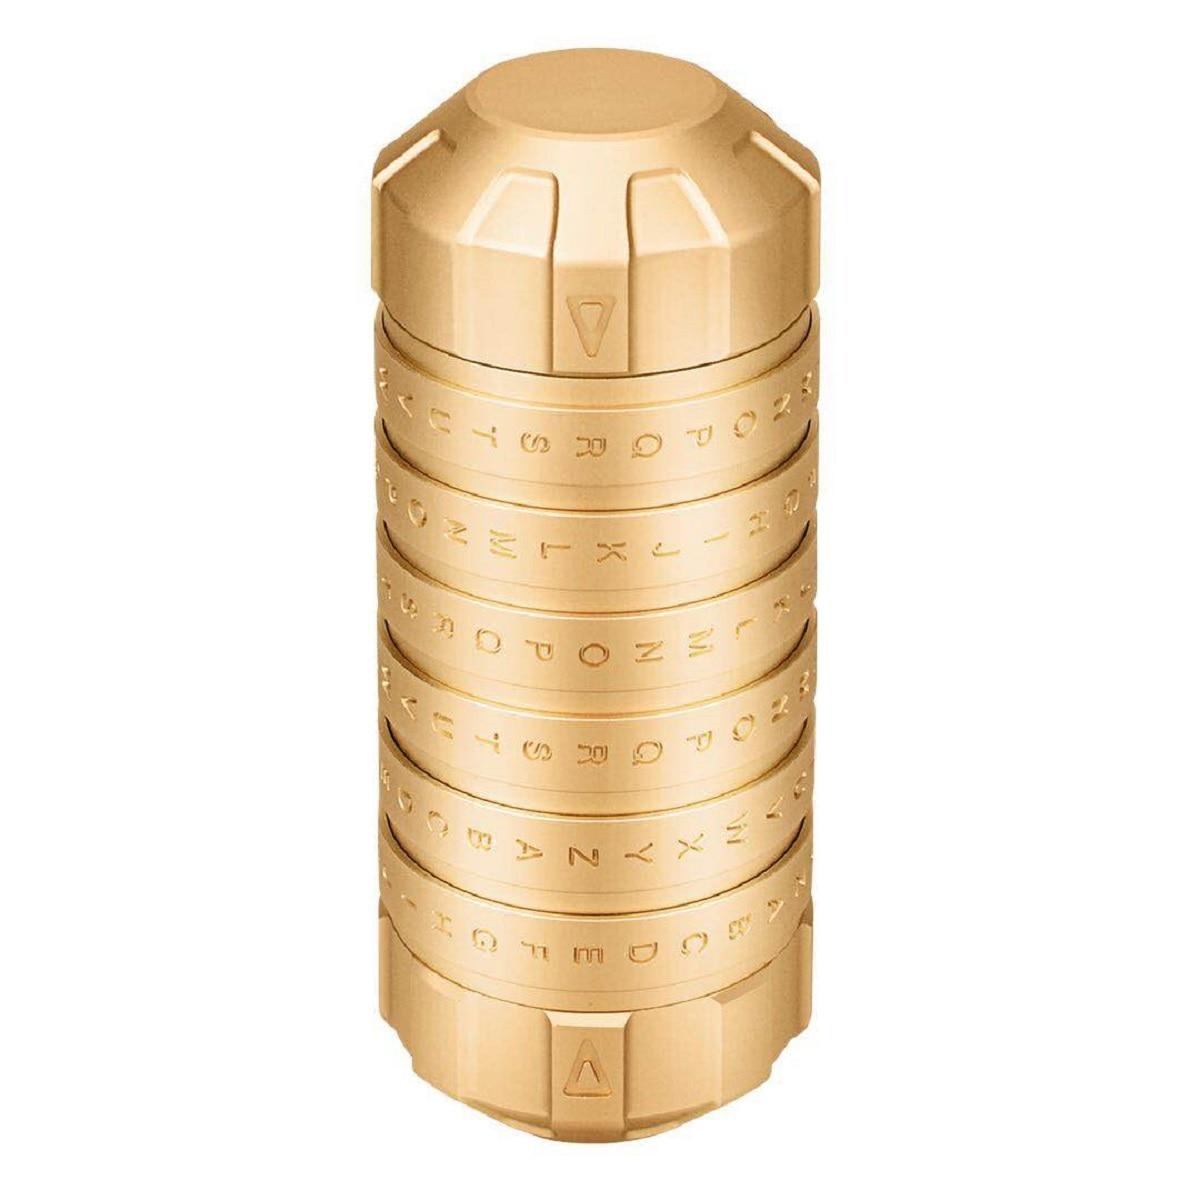 Mode nouveau Style jouets éducatifs en métal Cryptex serrures idées cadeaux Da Vinci Code serrure pour épouser les accessoires de chambre d'évasion amoureux - 3